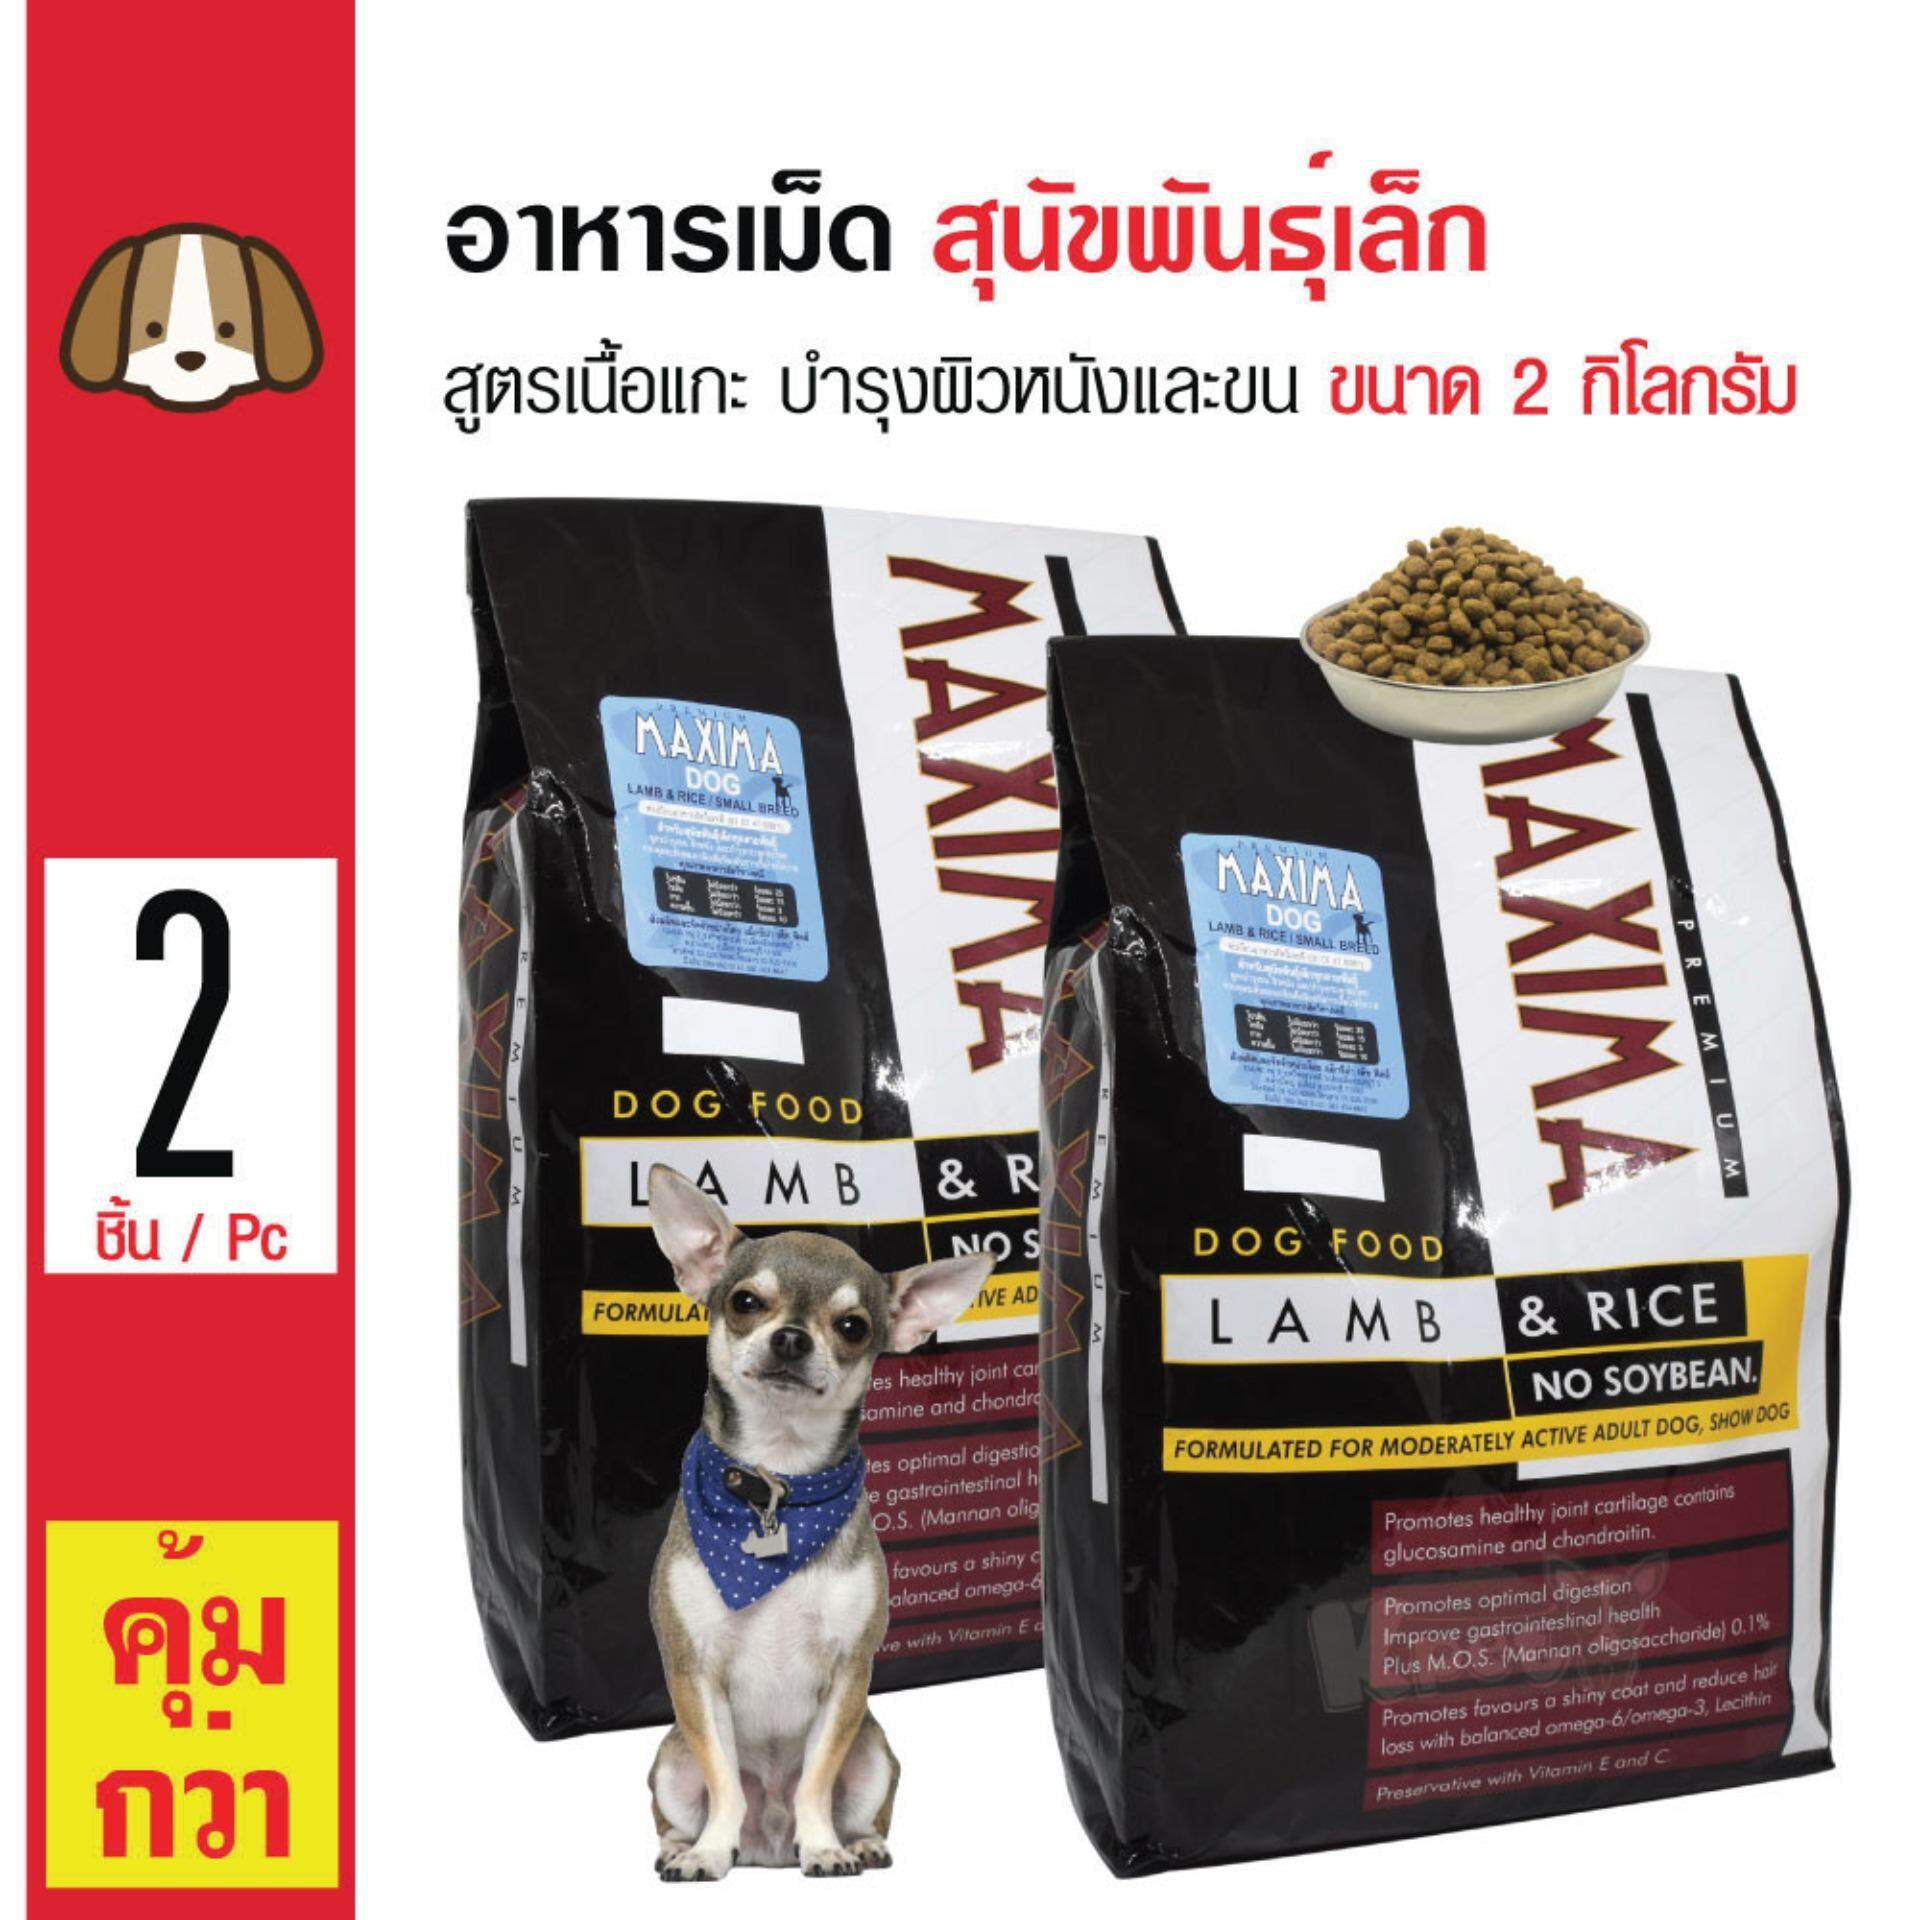 Maxima Dog อาหารเม็ด อาหารสุนัข สูตรเนื้อแกะ บำรุงผิวหนังและขน (เม็ดเล็ก) สำหรับสุนัขพันธุ์เล็ก ขนาด 2 กิโลกรัม X 2 ถุง